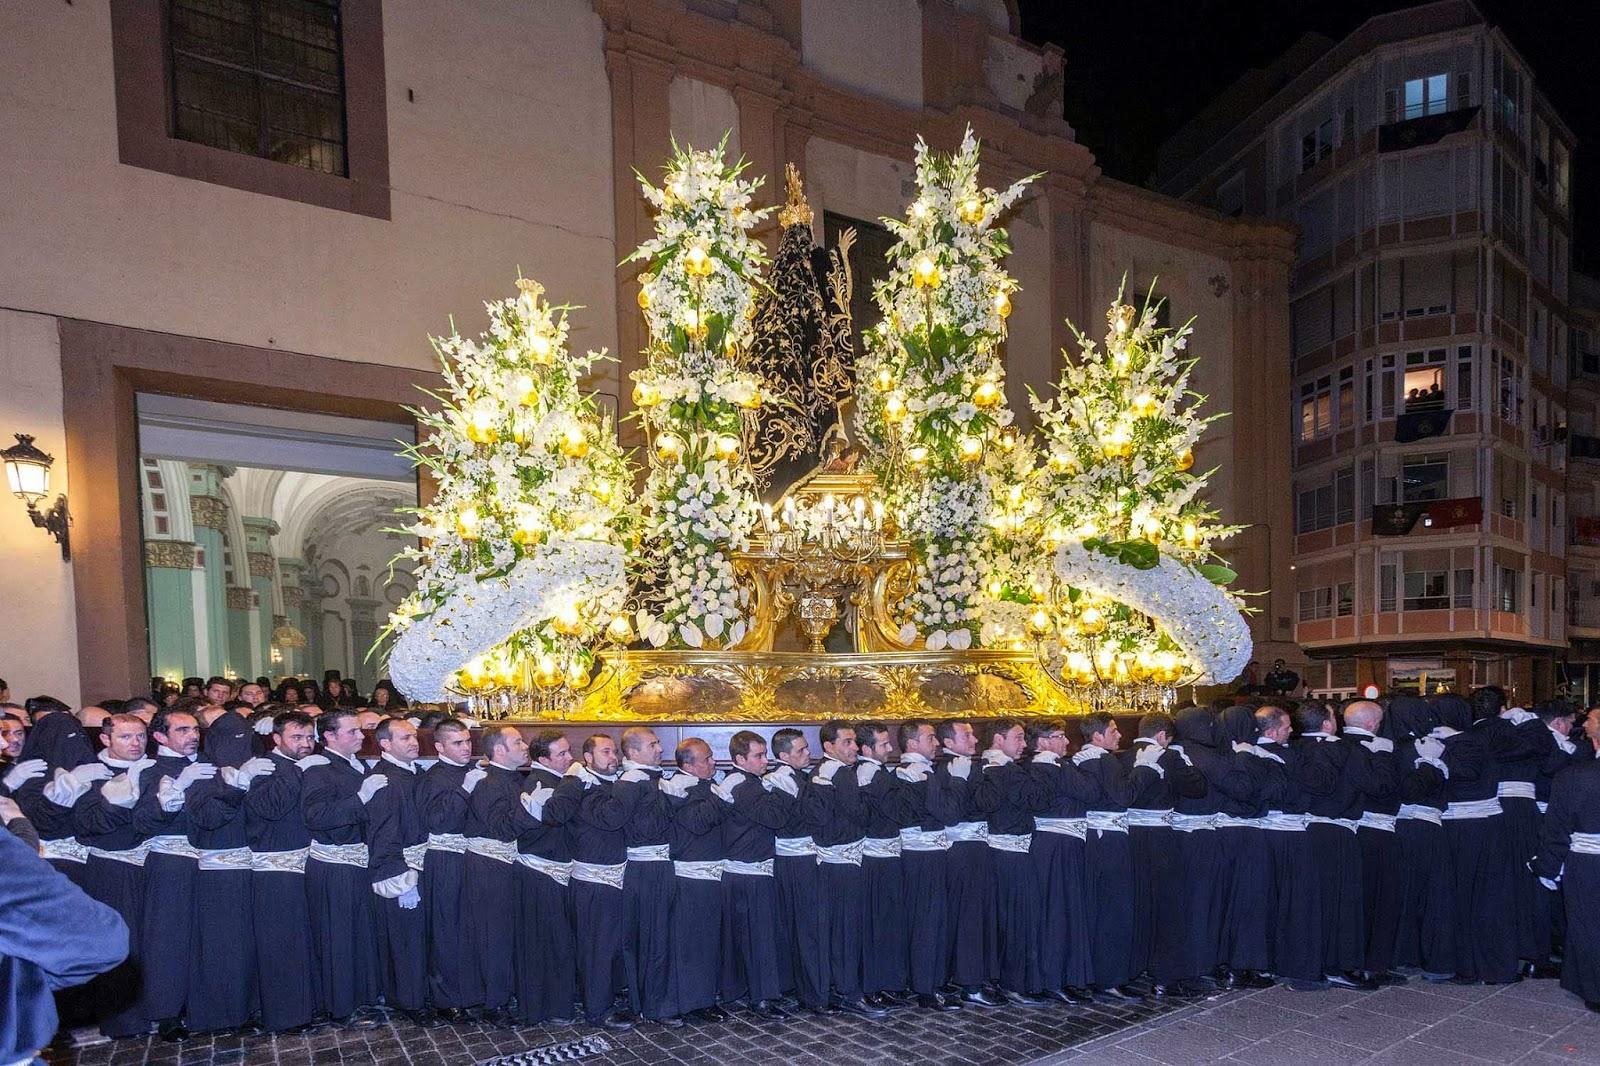 Trono Soledad Semana Santa Cartagena Murcia Arturo Serra escultura 17